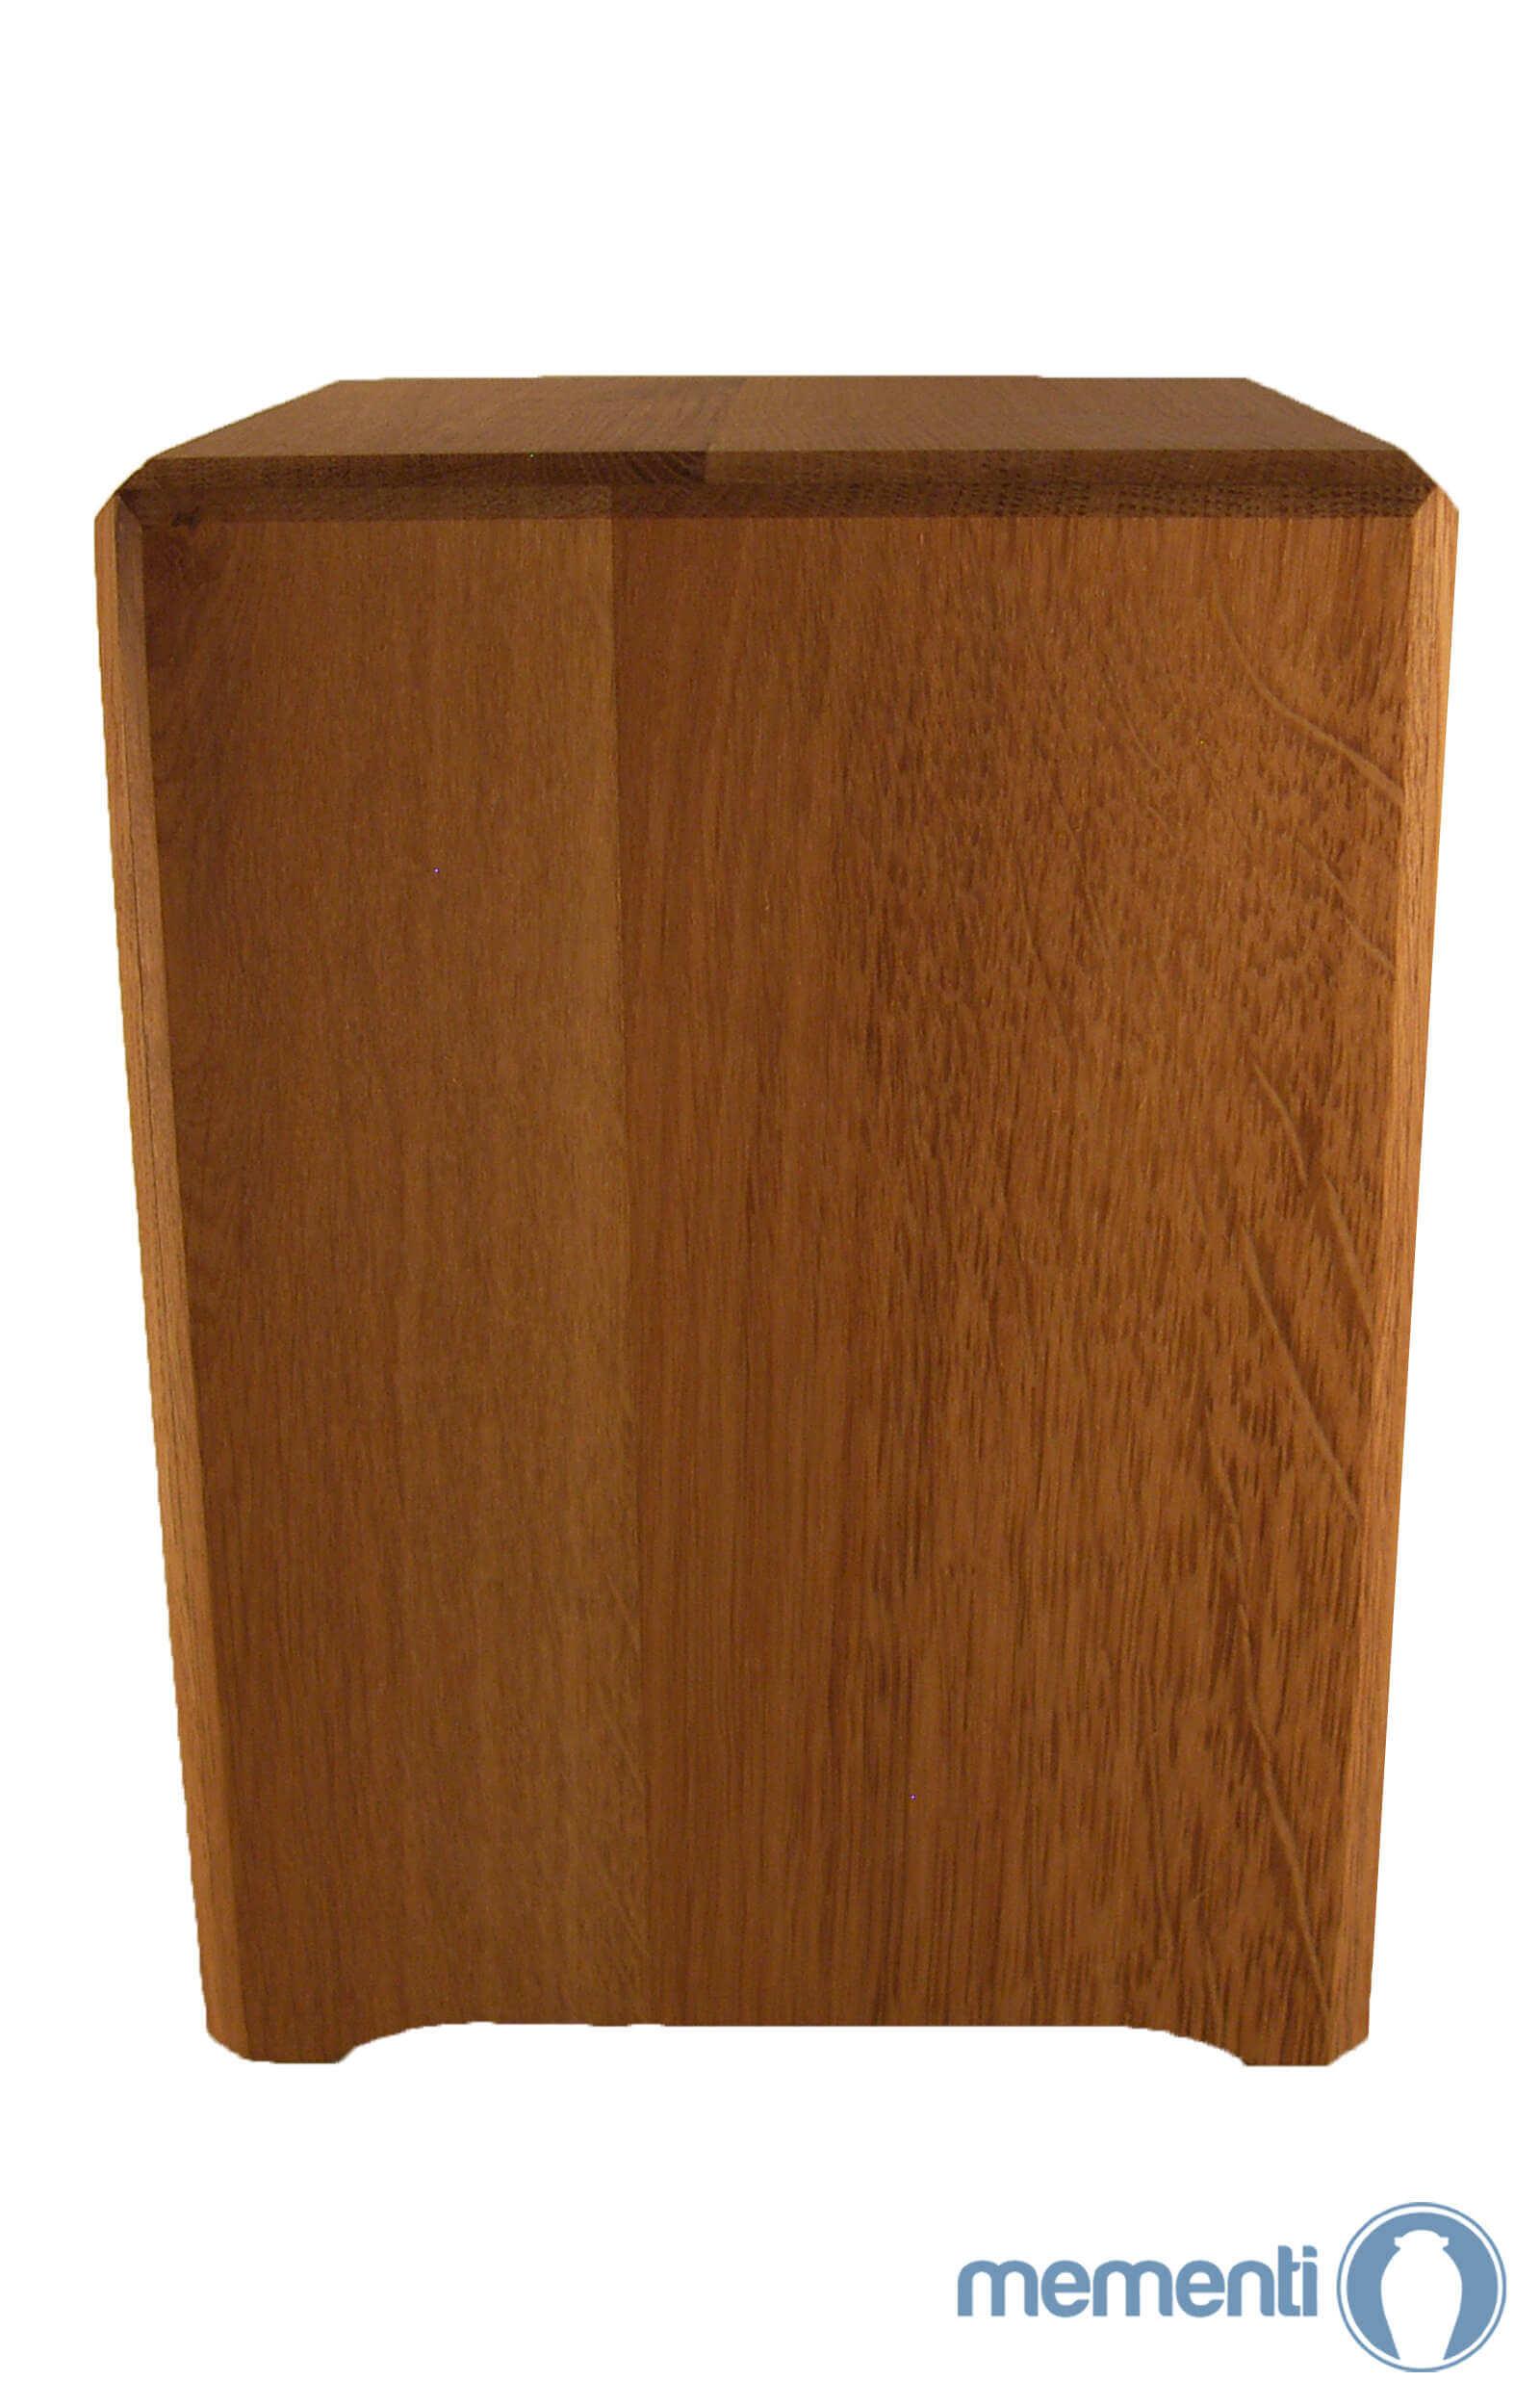 en HR05 wooden box urn